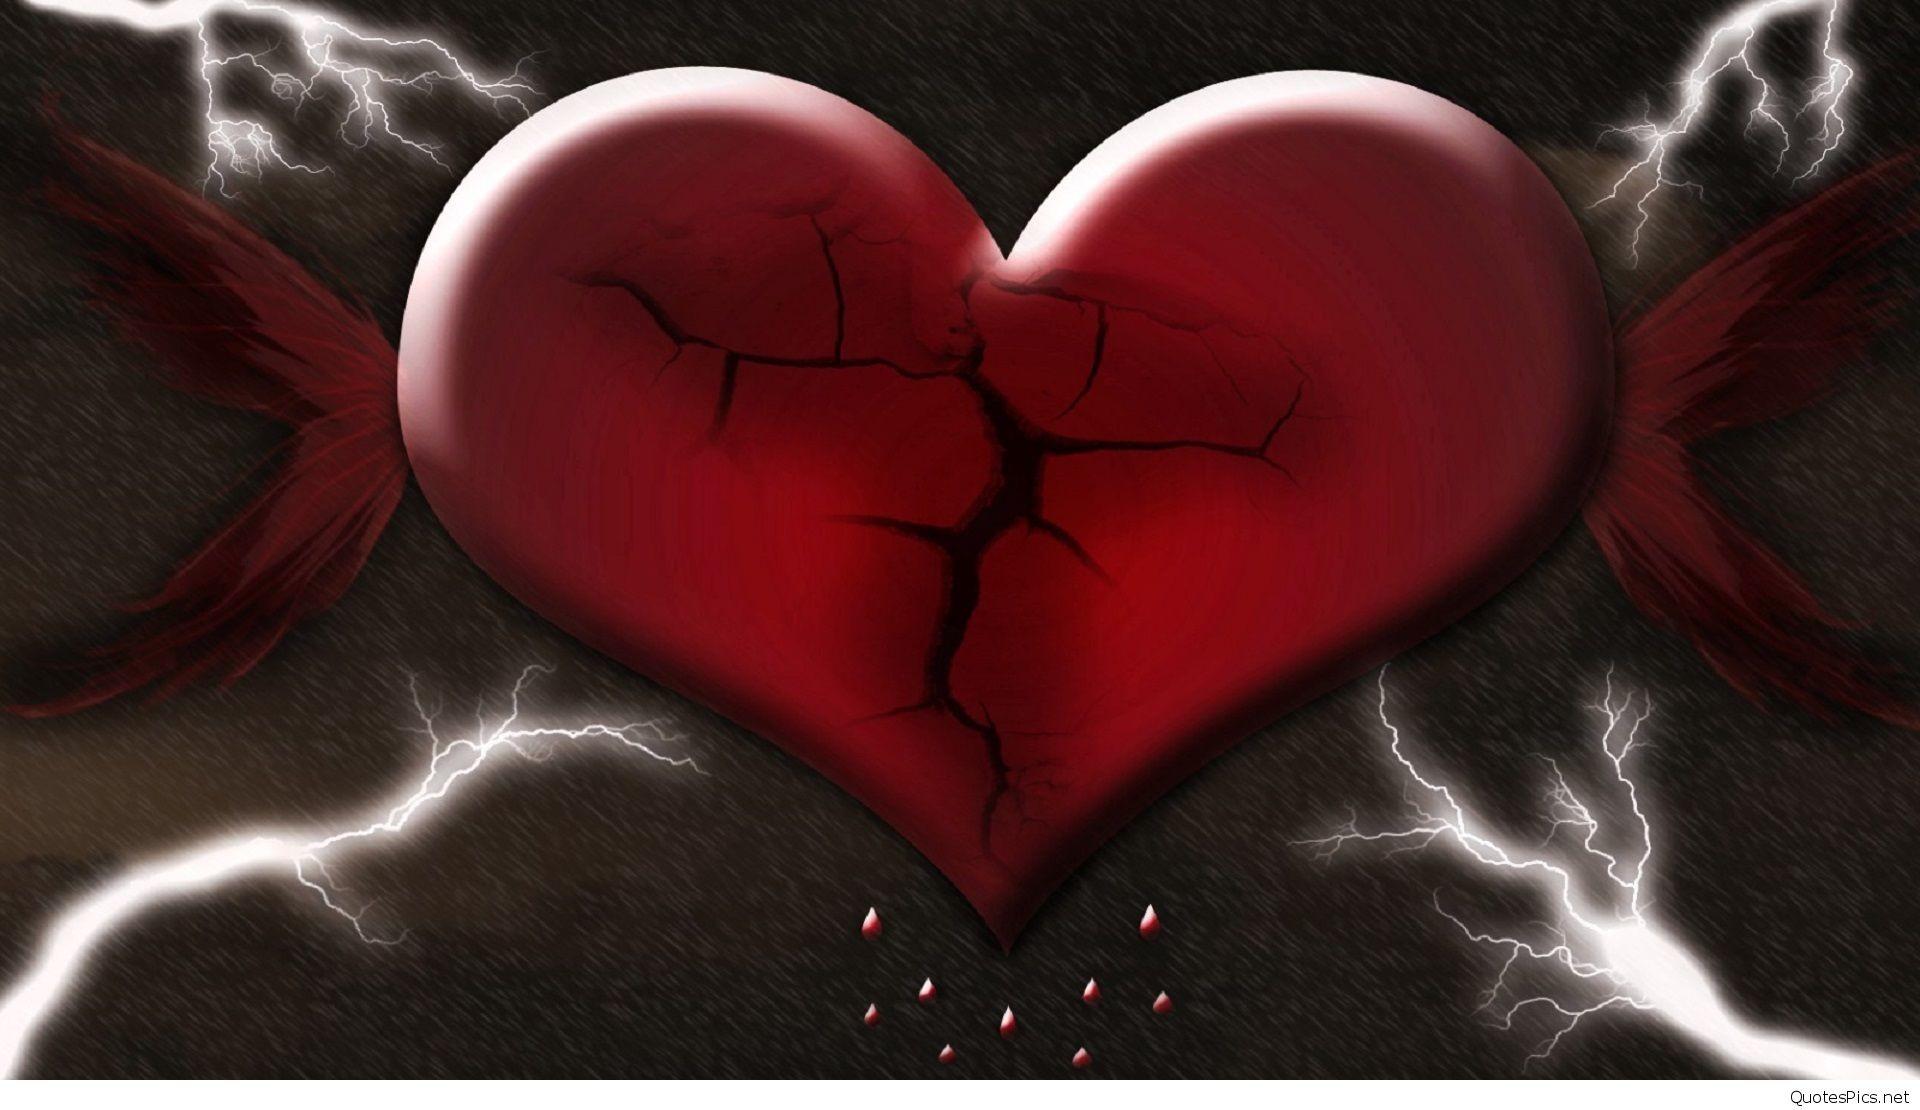 Heartbroken wallpaper (64+ images).